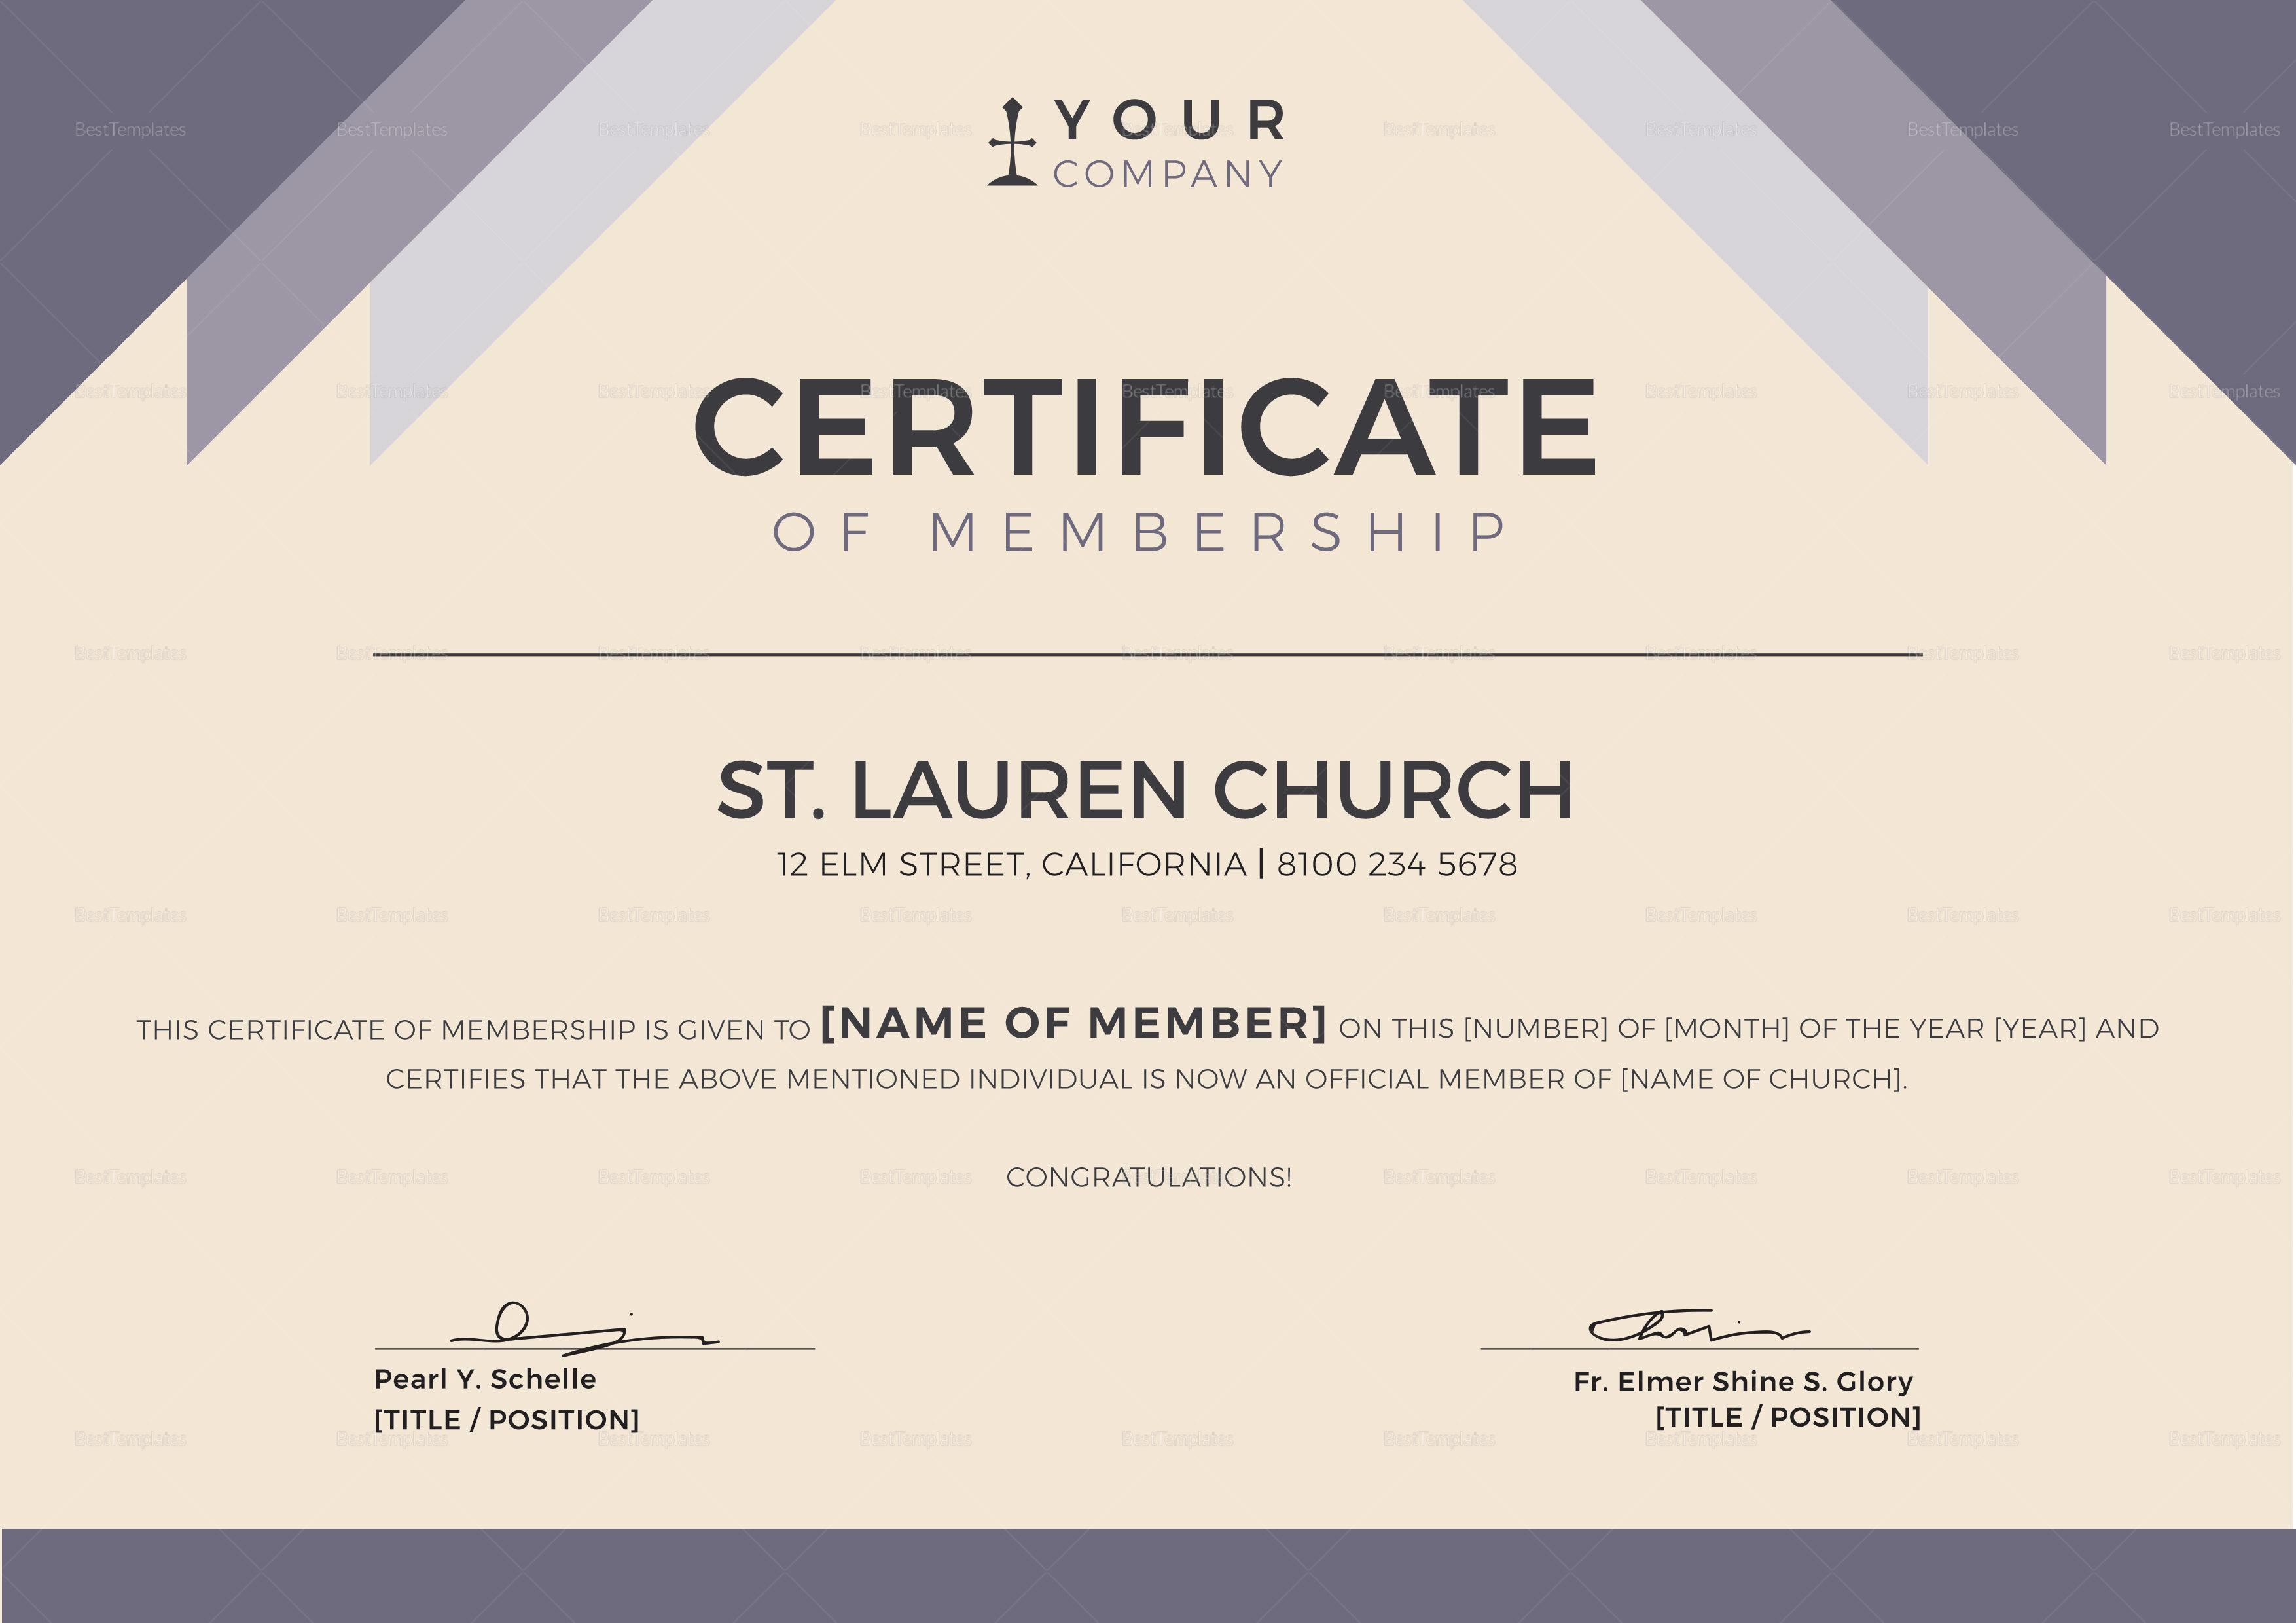 New Member Certificate Template 1